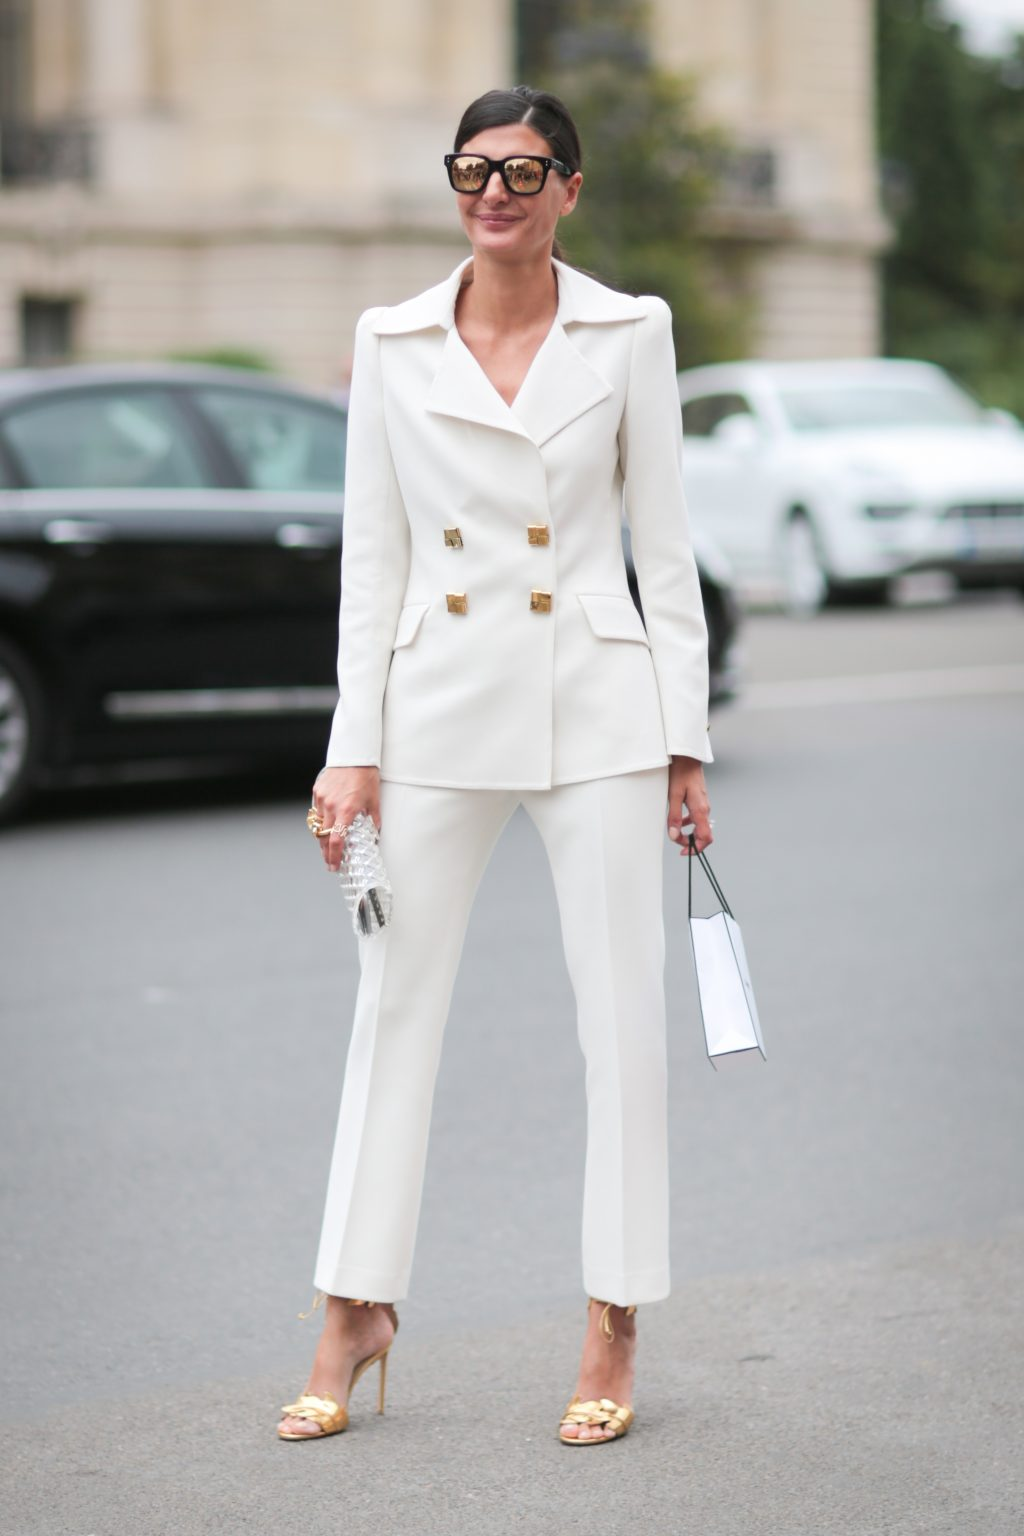 phối trang phục đẹp công thức white on white 15